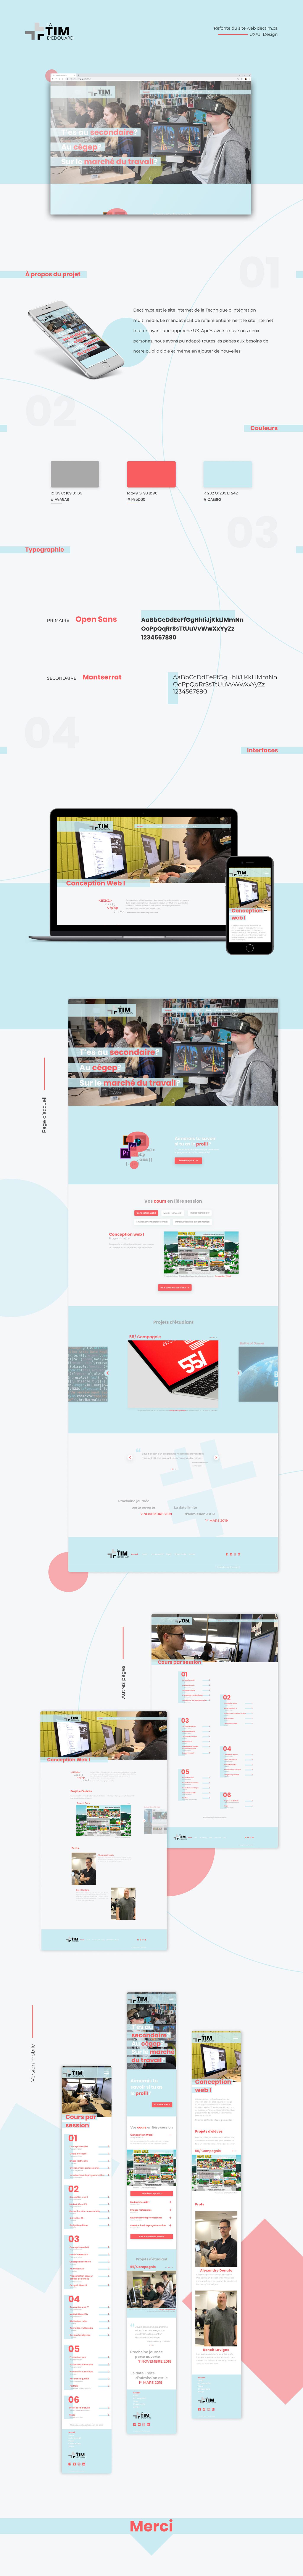 UI ux design UX design ui design Website dectim